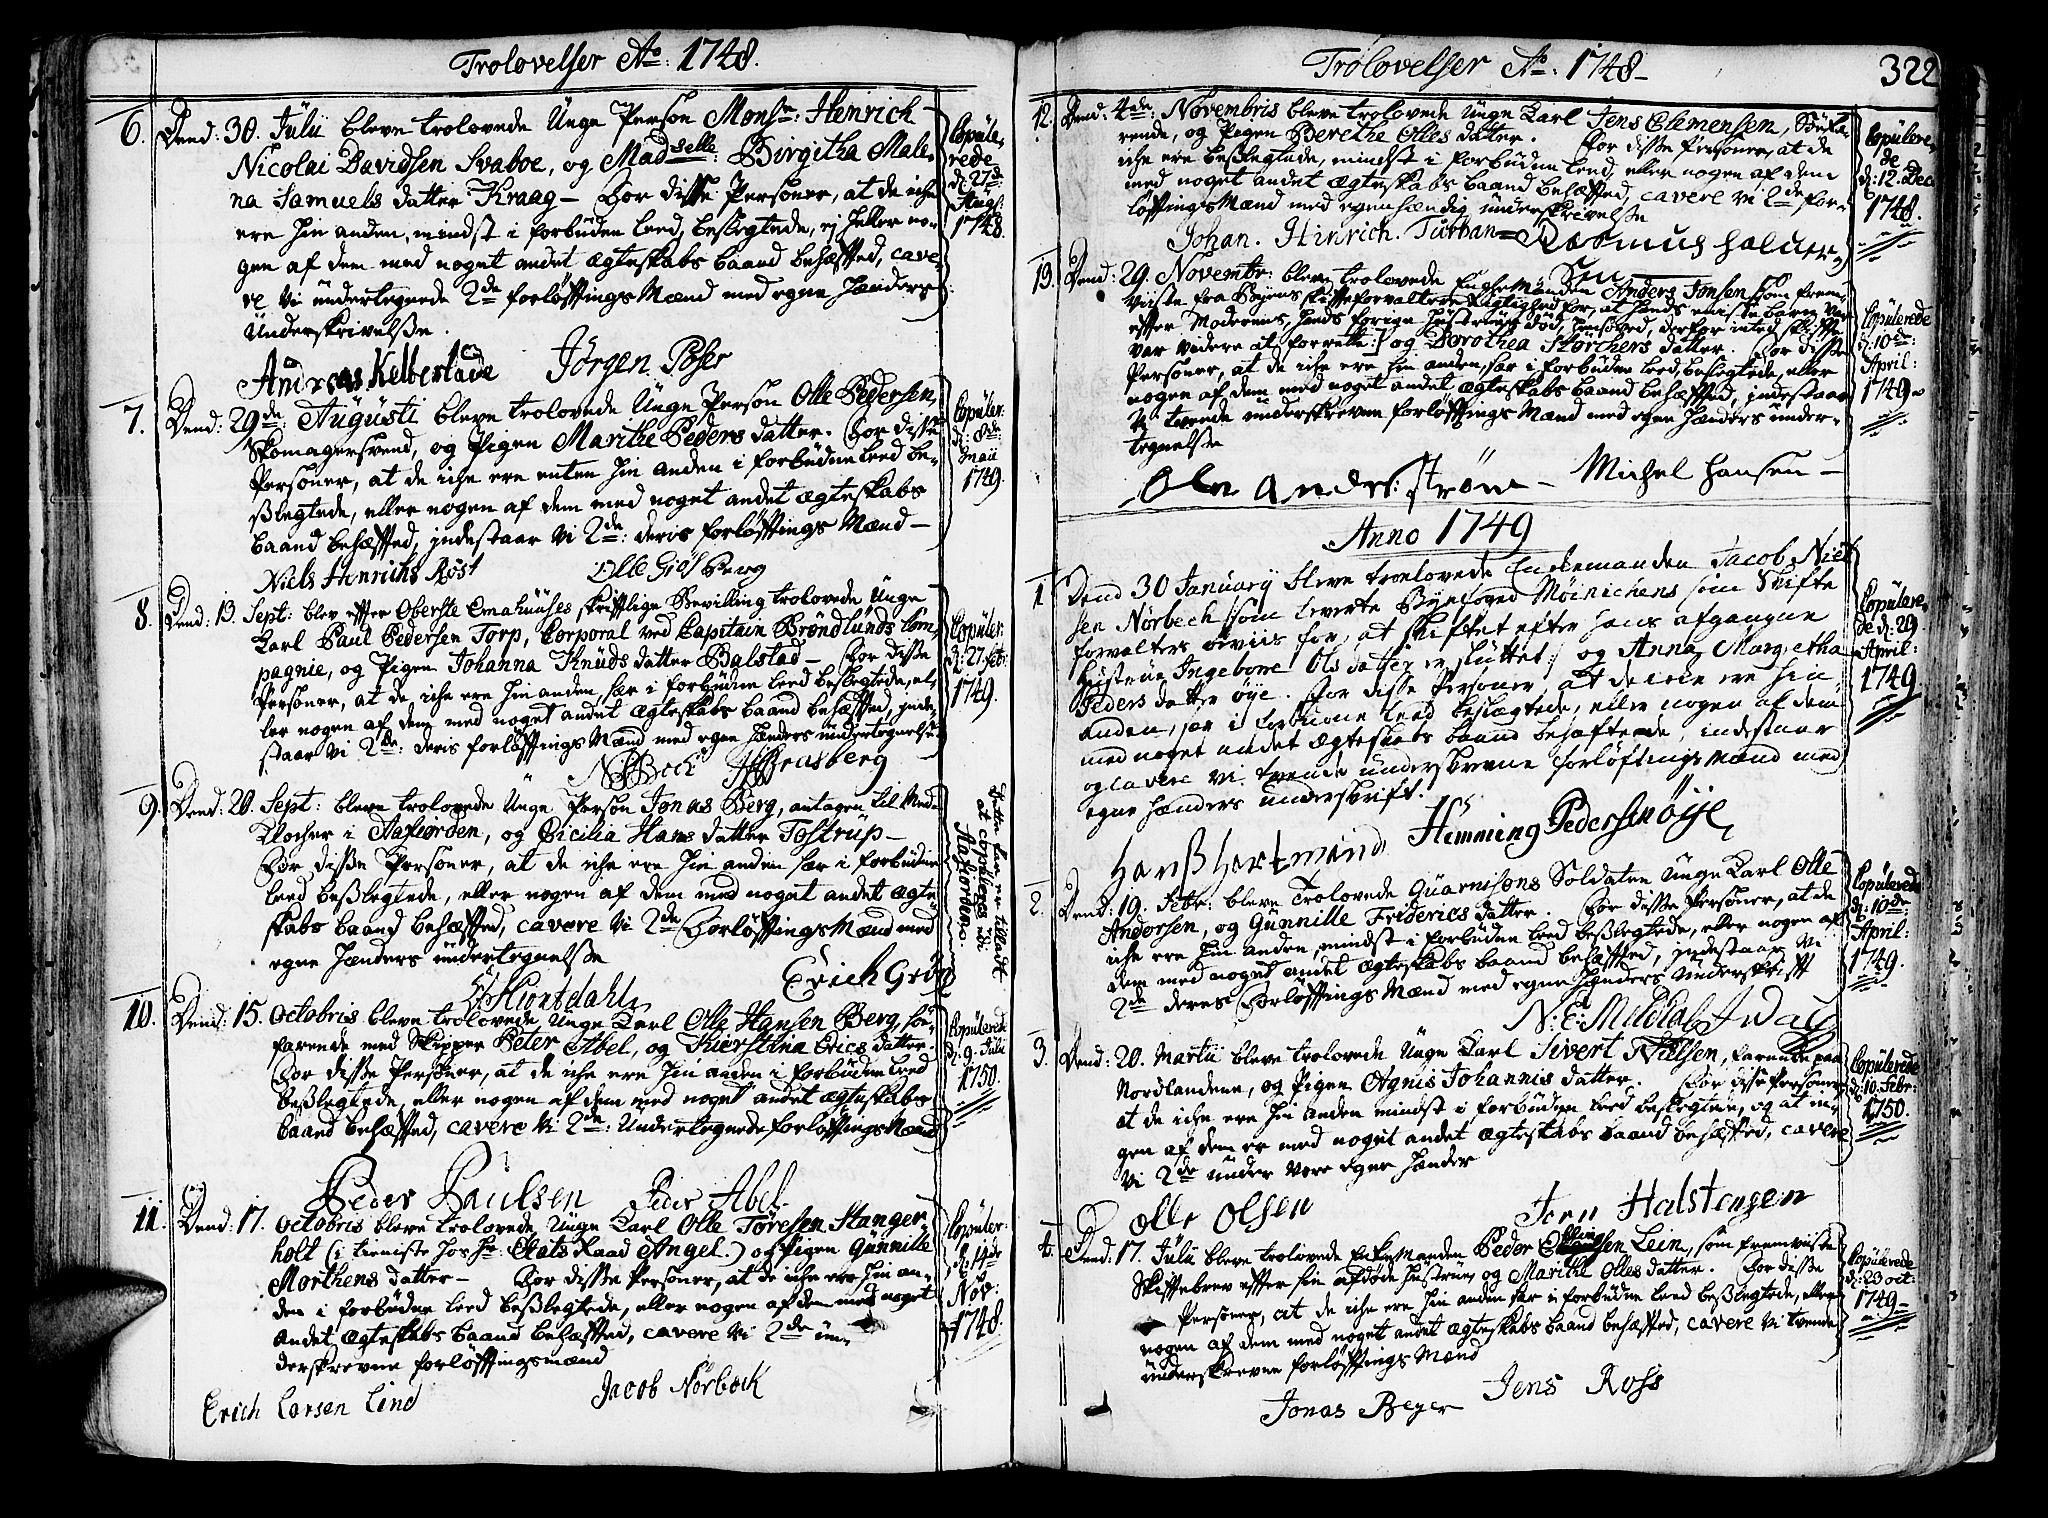 SAT, Ministerialprotokoller, klokkerbøker og fødselsregistre - Sør-Trøndelag, 602/L0103: Ministerialbok nr. 602A01, 1732-1774, s. 322